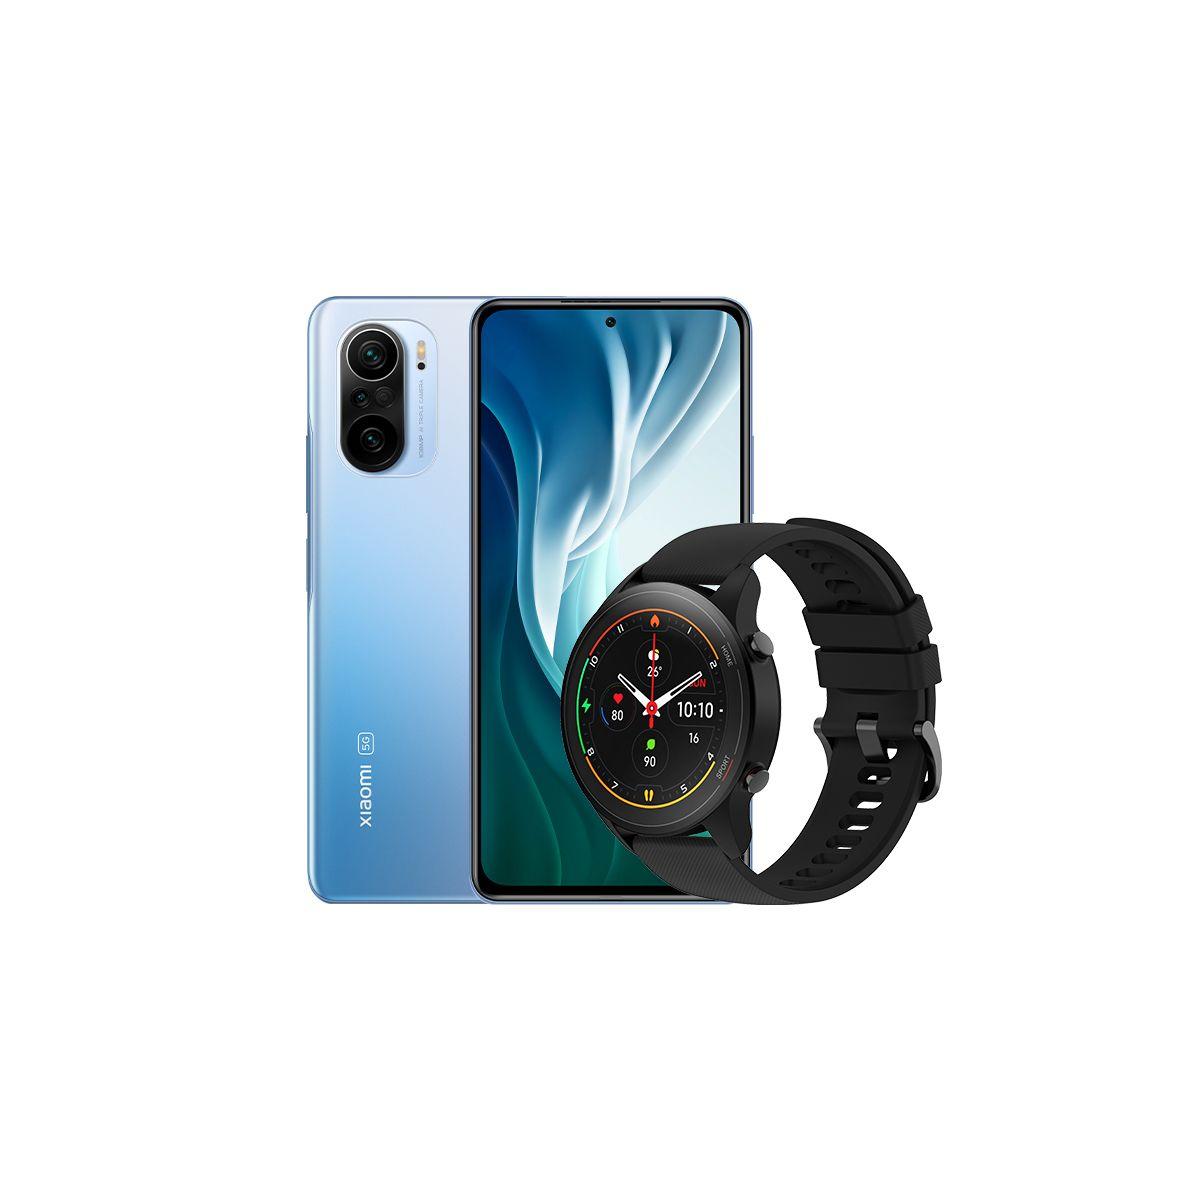 Smartfon Xiaomi Mi 11i 8/128 GB + smartwatch Mi Watch (wersja 8/256 GB za 2999 zł) @Mi-home